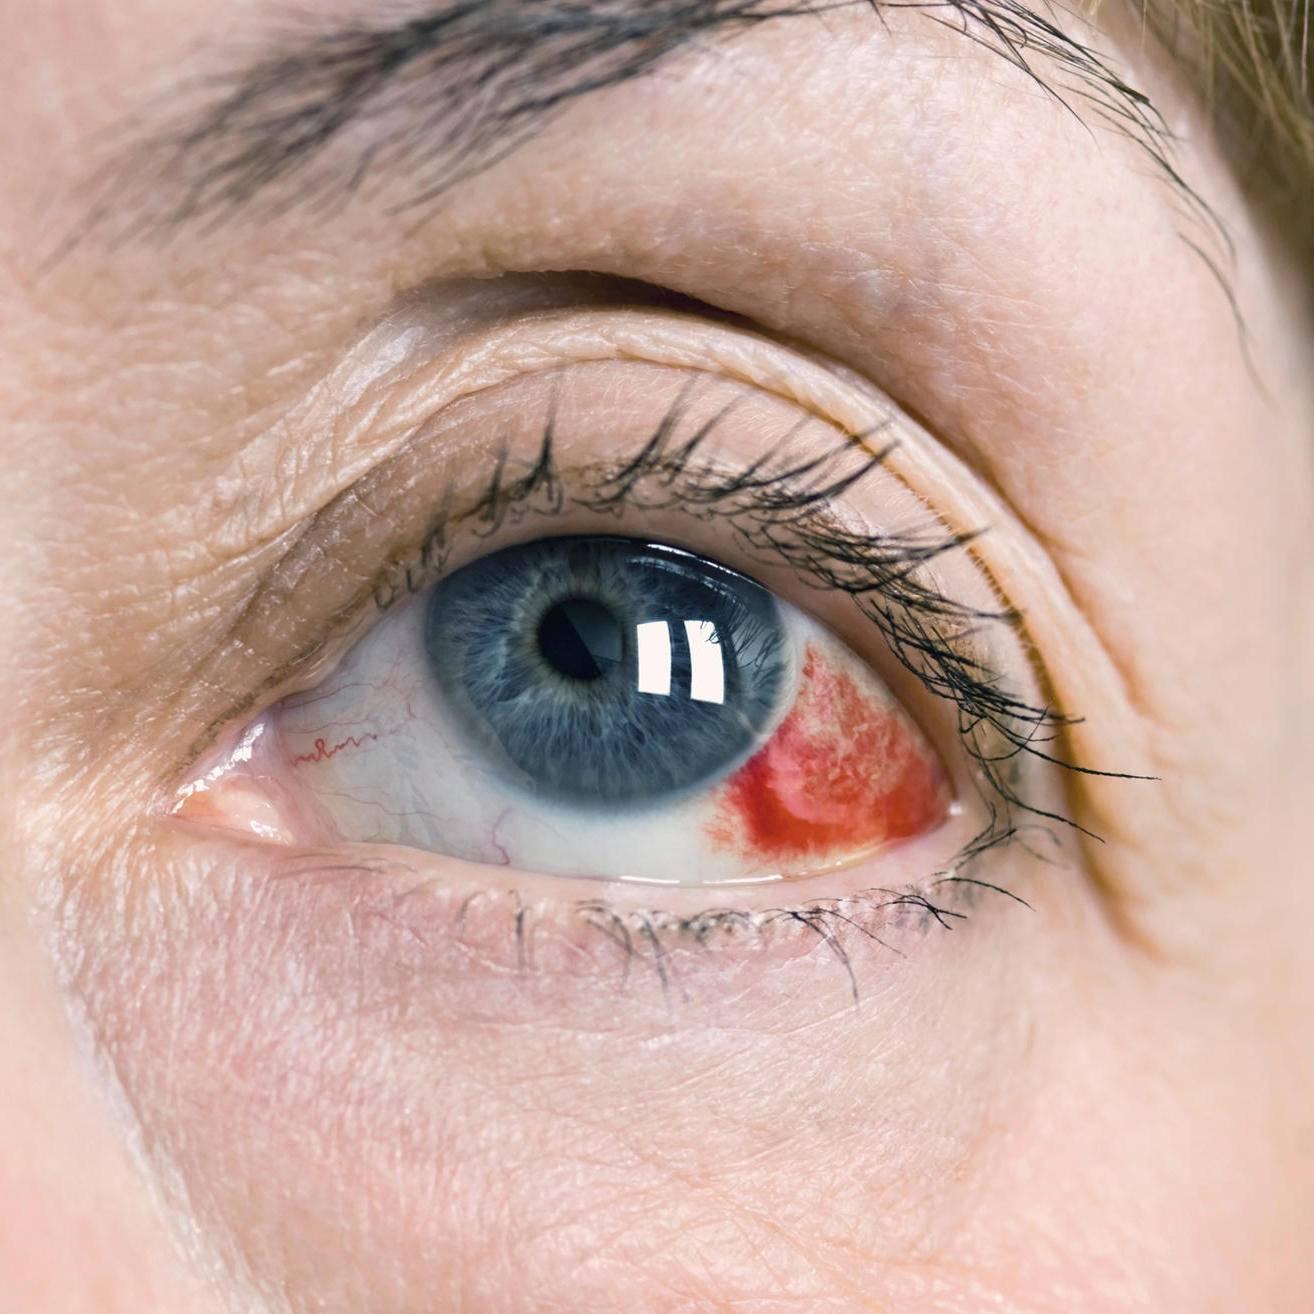 Гемофтальм глаза: это серьезное заболевание или нет, почему происходит кровоизлияние в стекловидное тело, что такое частичное и тотальное поражение правого или левого глаза